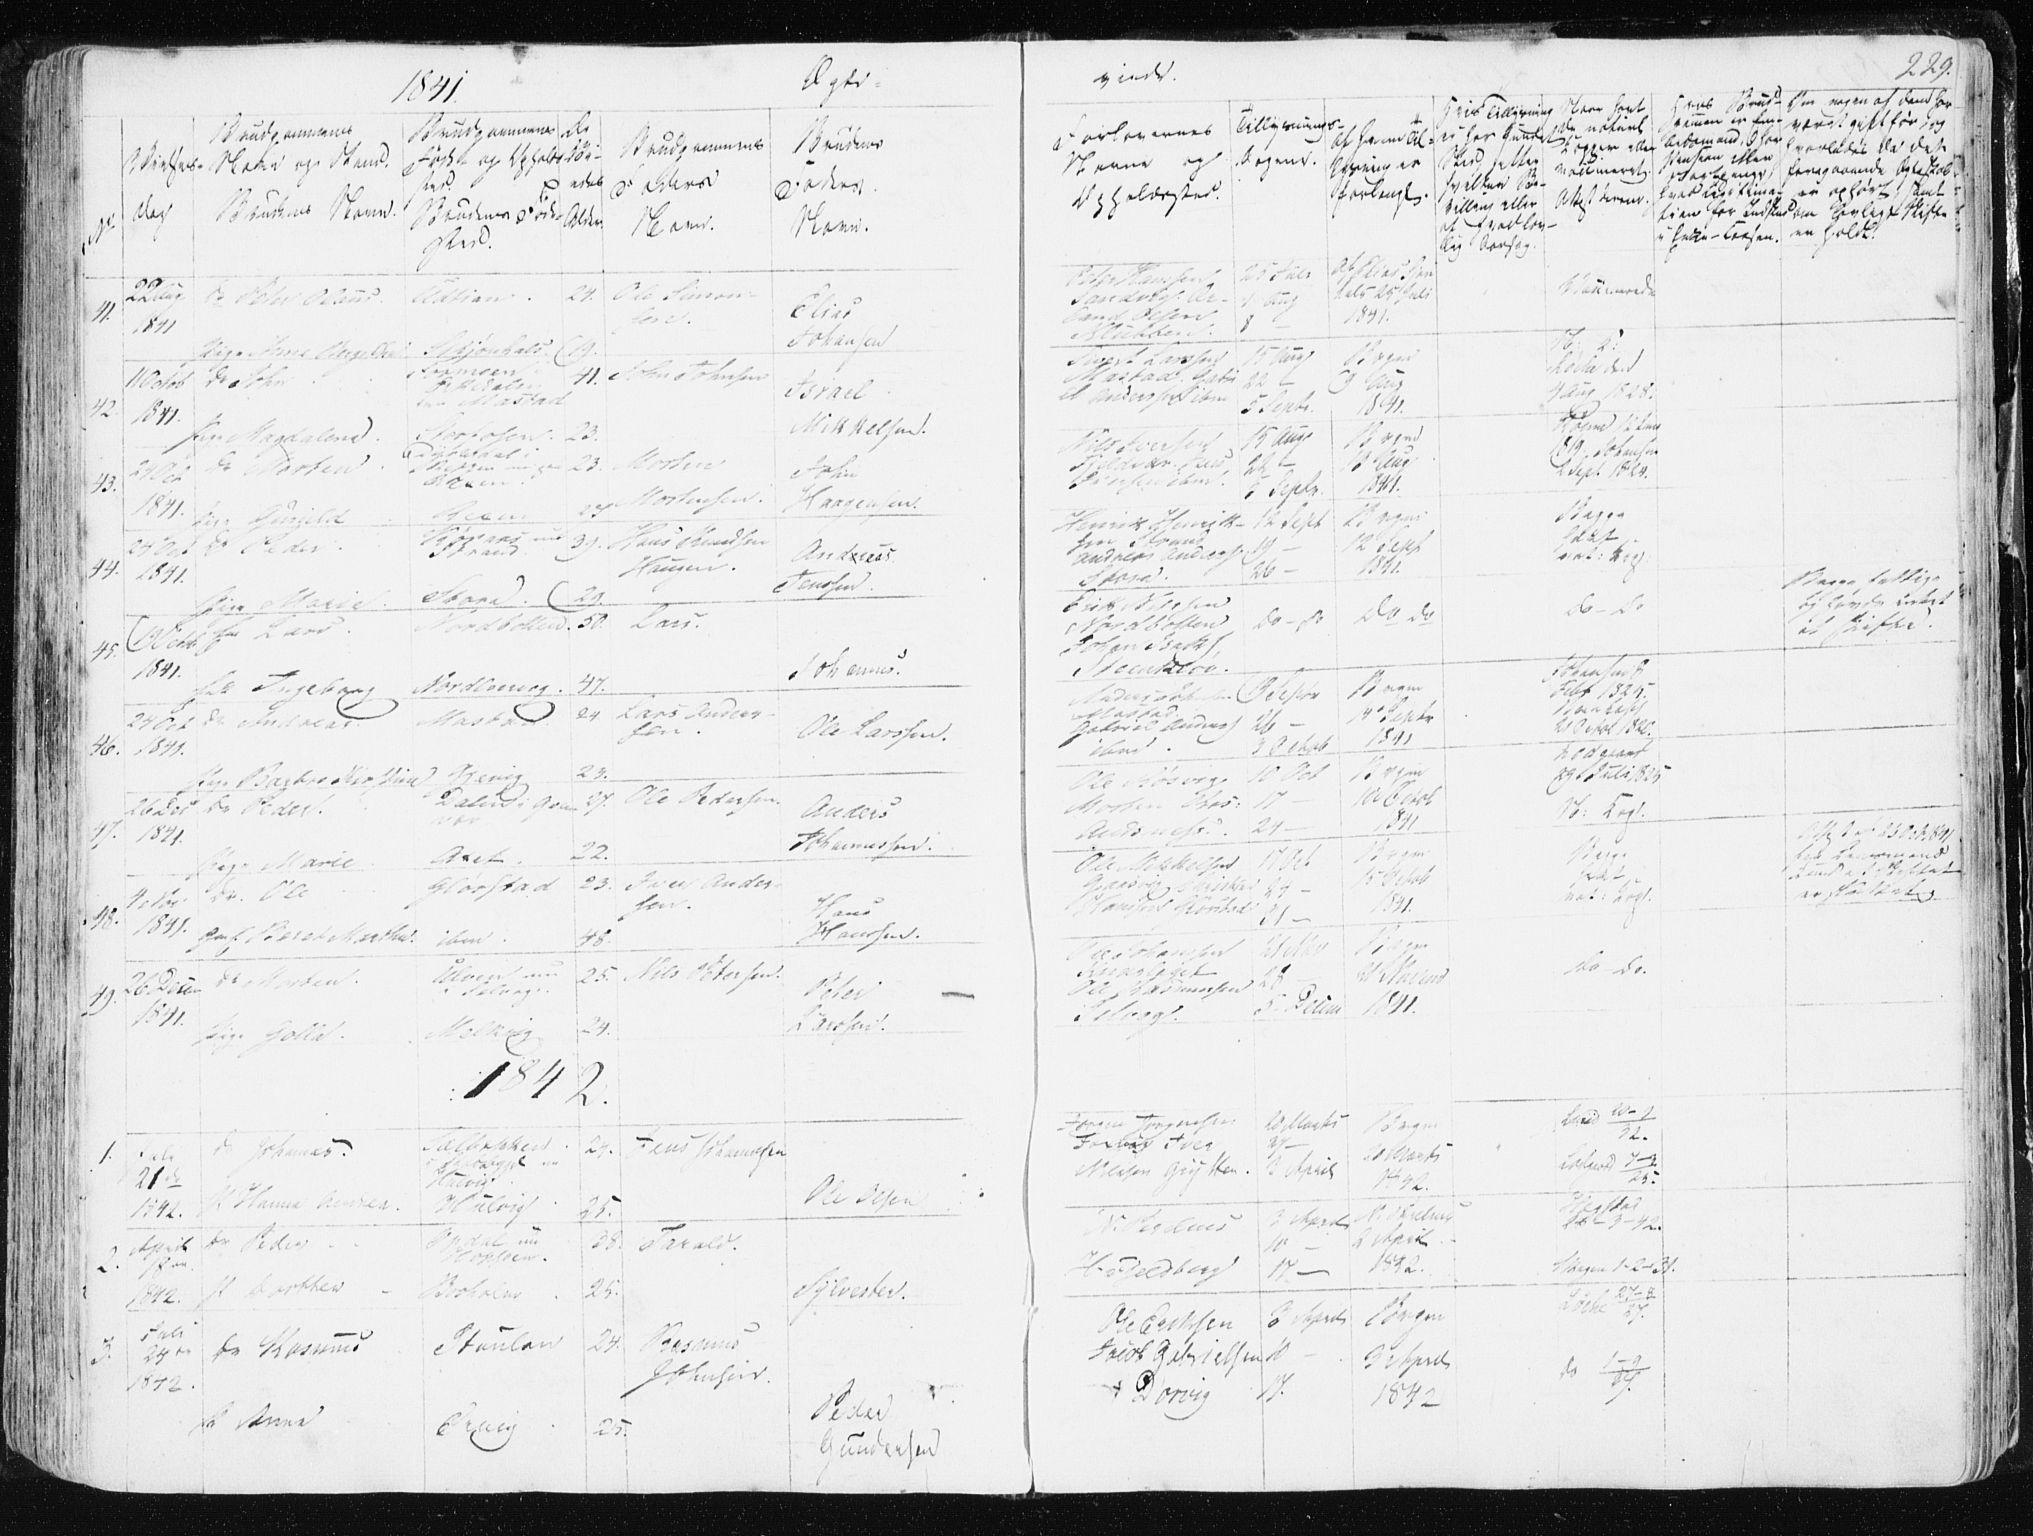 SAT, Ministerialprotokoller, klokkerbøker og fødselsregistre - Sør-Trøndelag, 634/L0528: Ministerialbok nr. 634A04, 1827-1842, s. 229